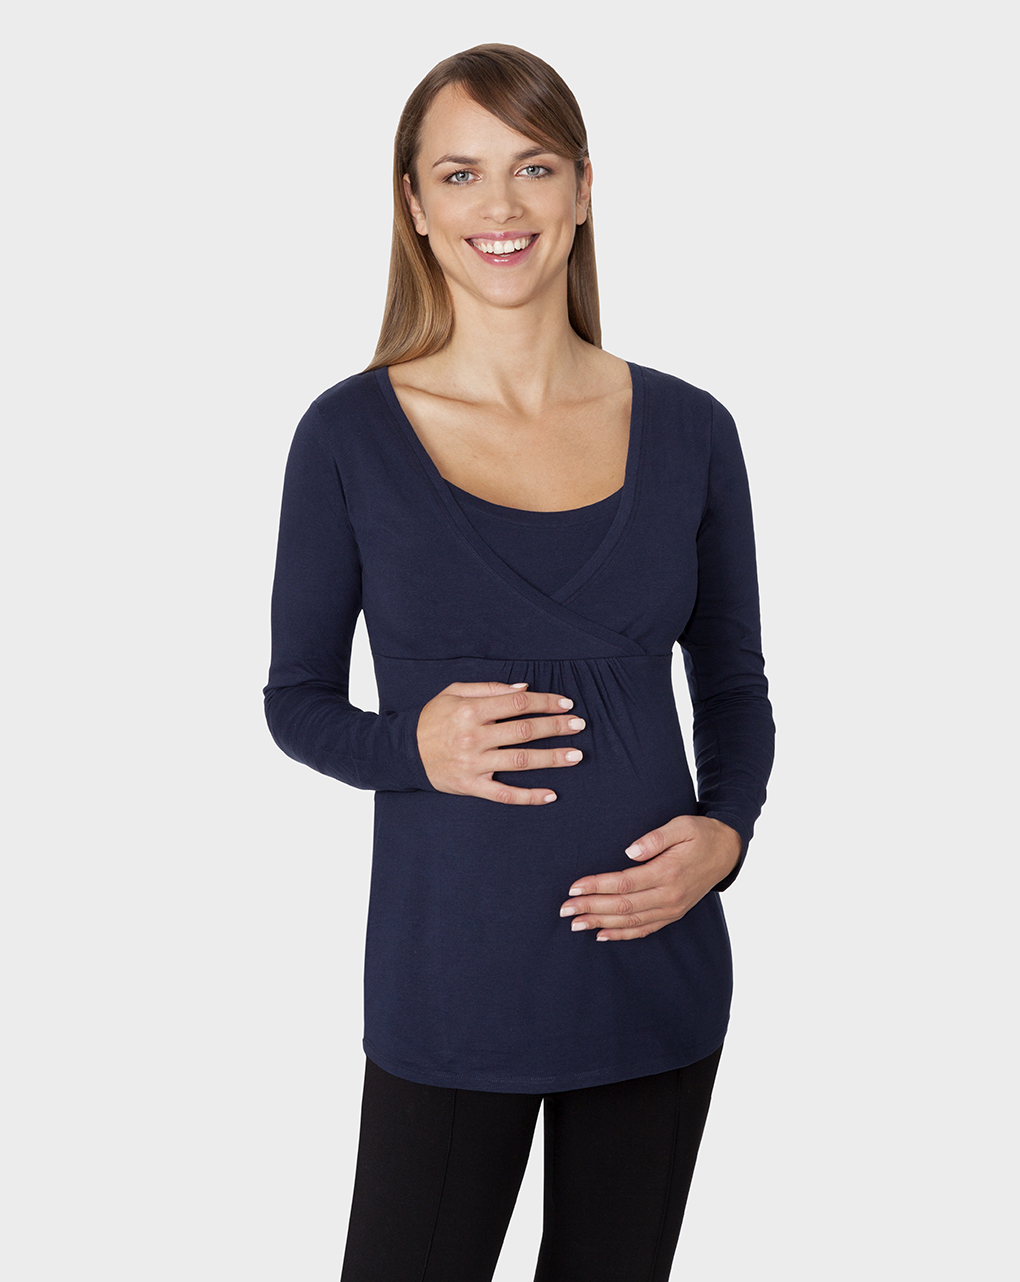 Γυναικεία Μπλούζα Θηλασμού Σκούρο Μπλε